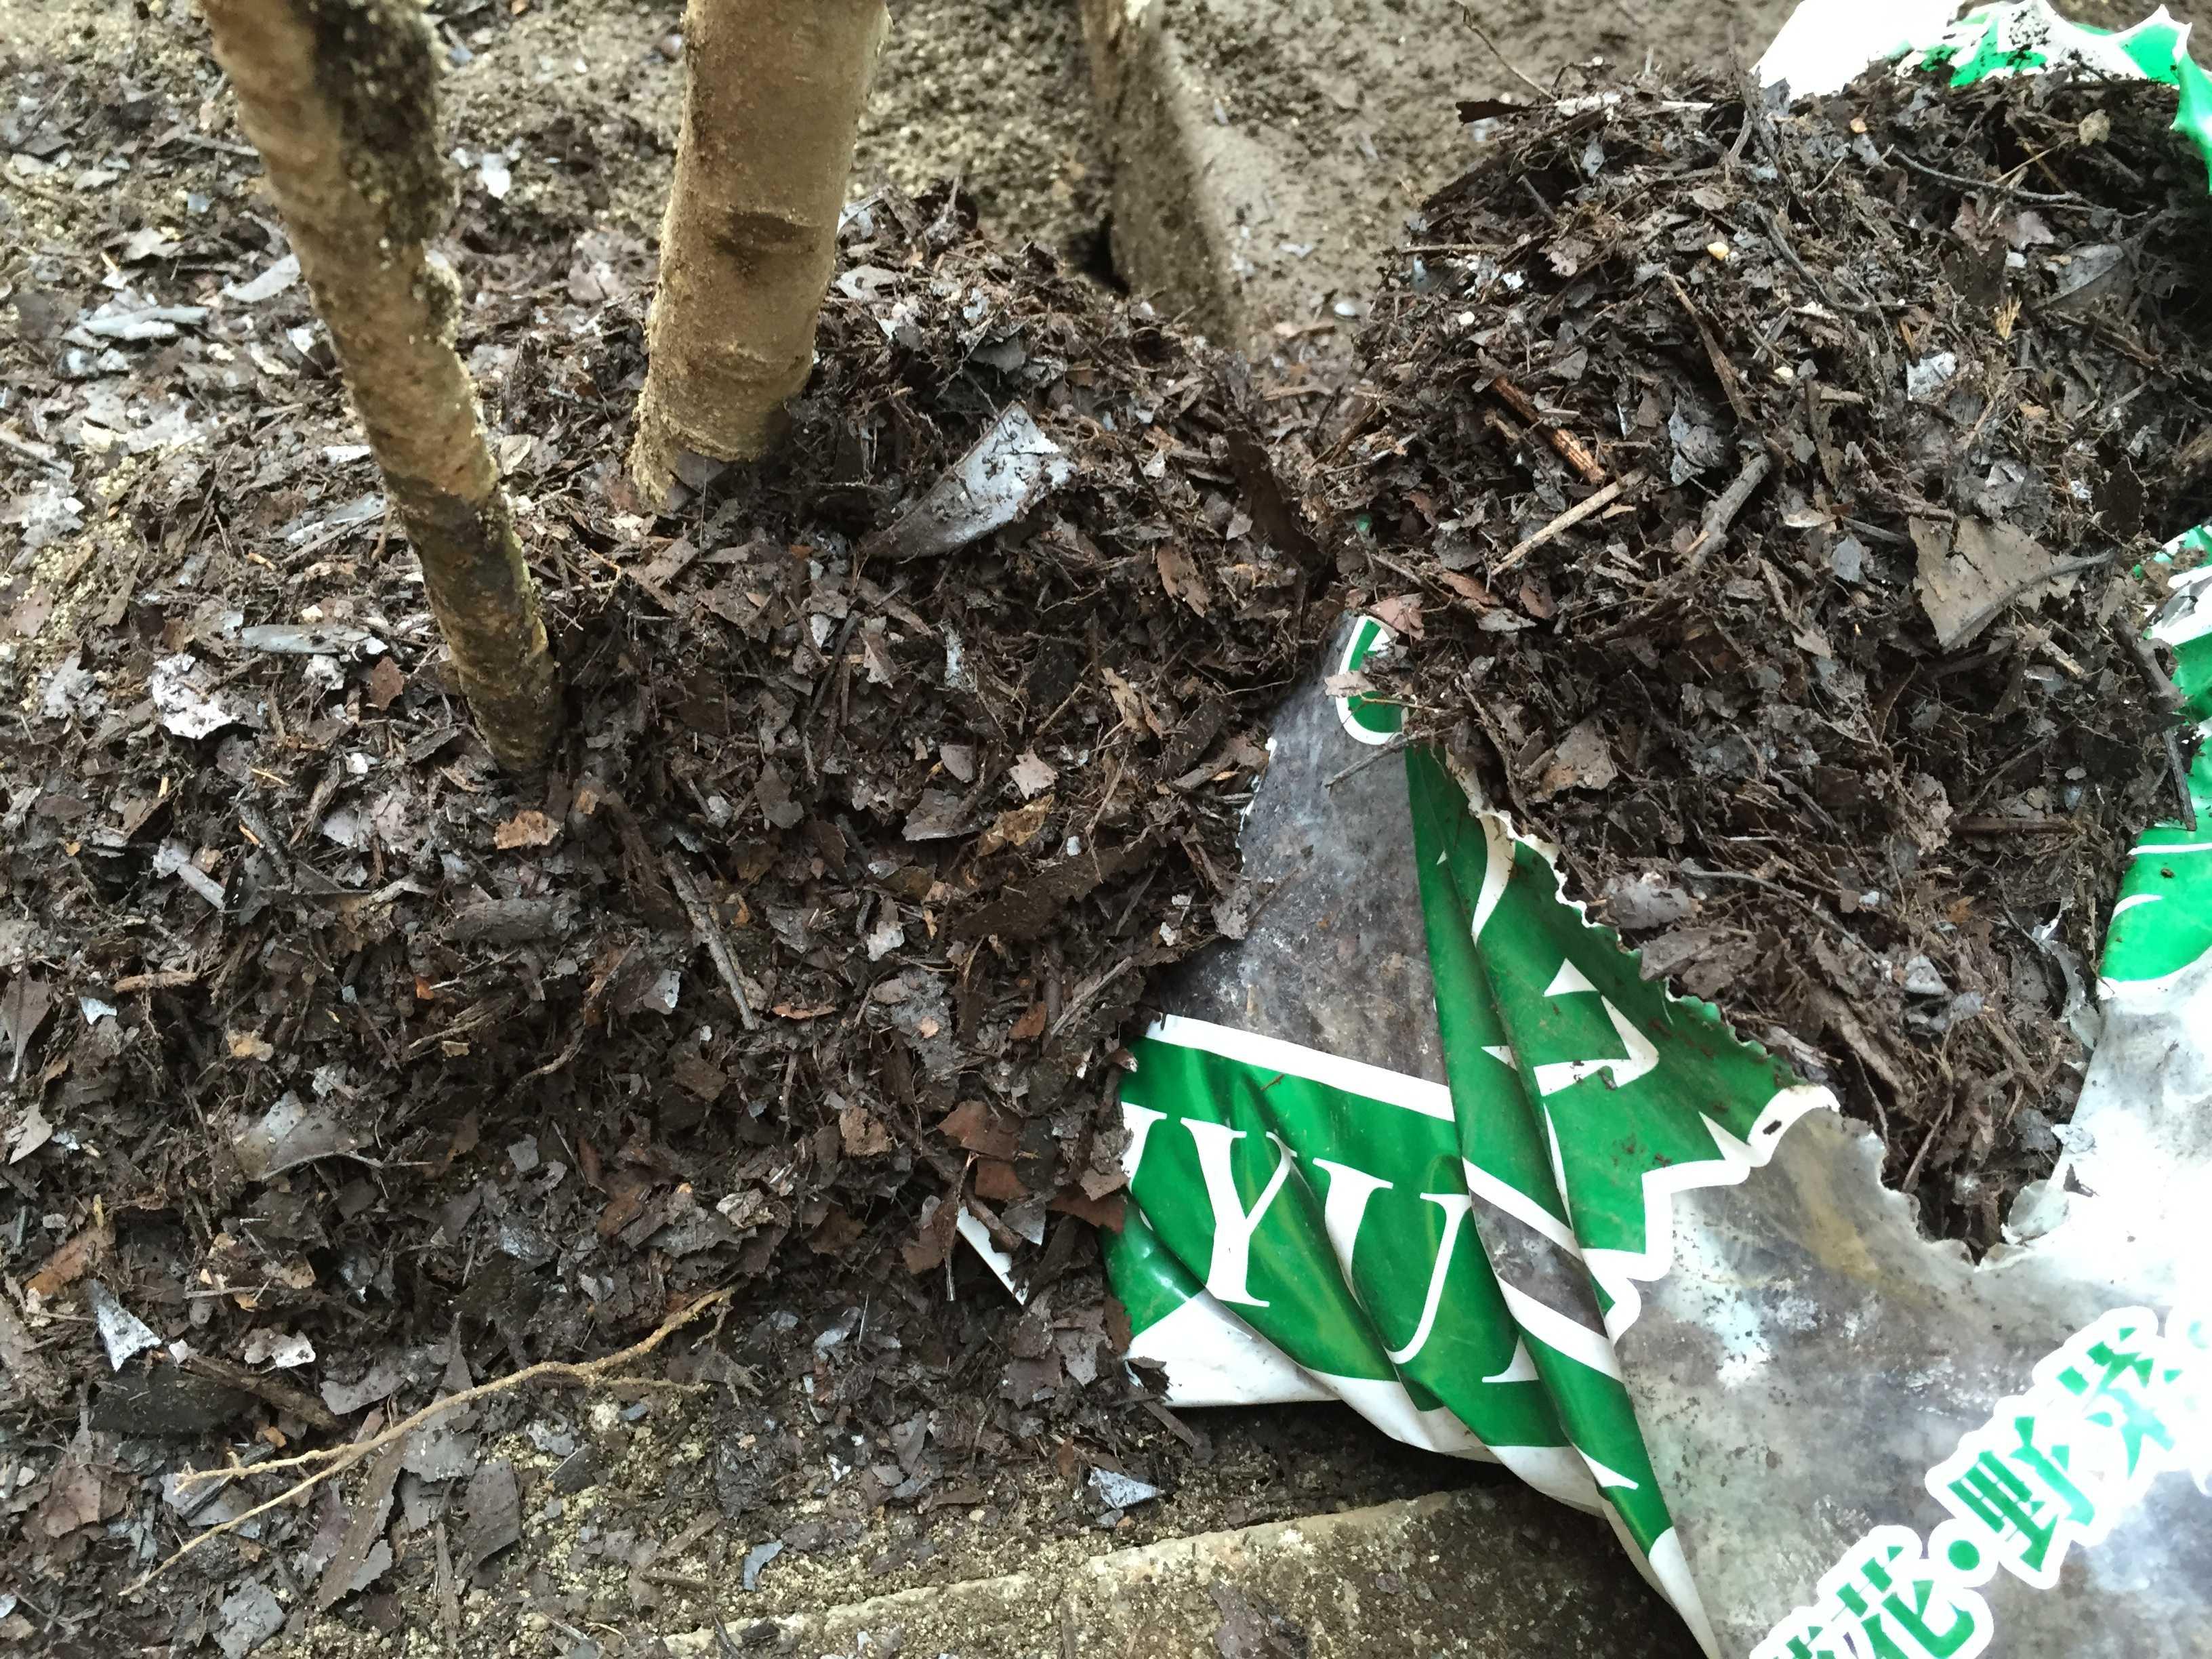 ザクロの植え付け: 腐葉土